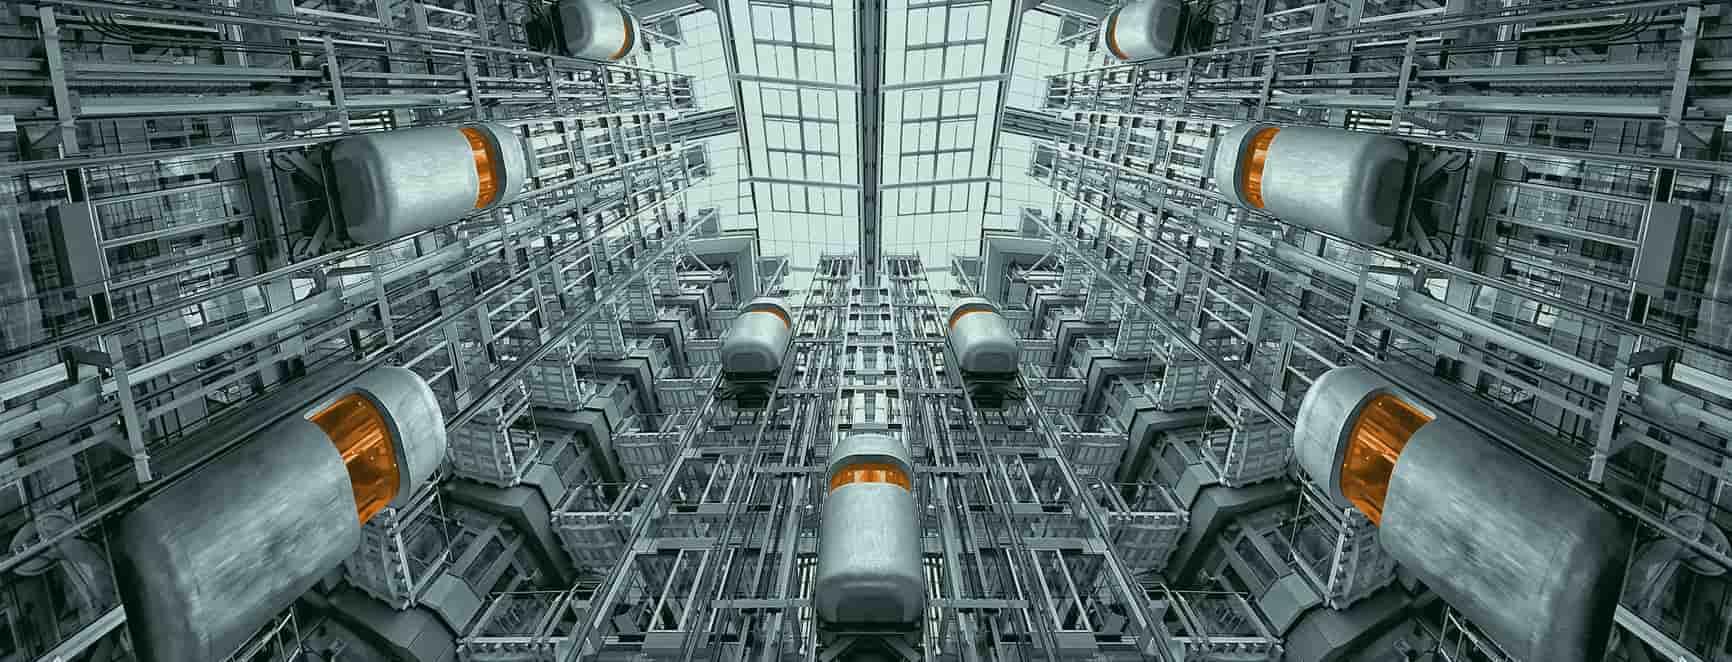 maggelevadores empresa de ascensores